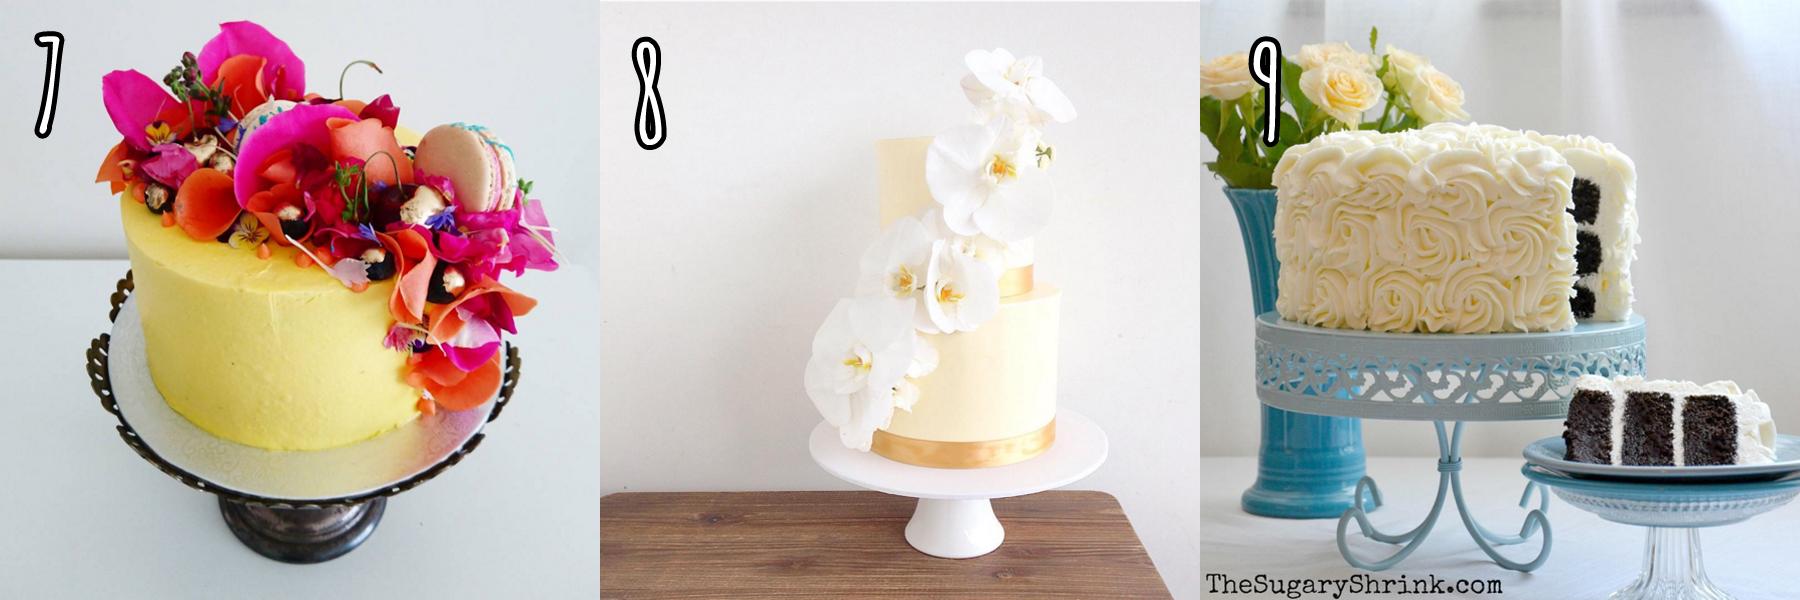 cukiereczki tort z żywymi kwiatami eleganckie torty